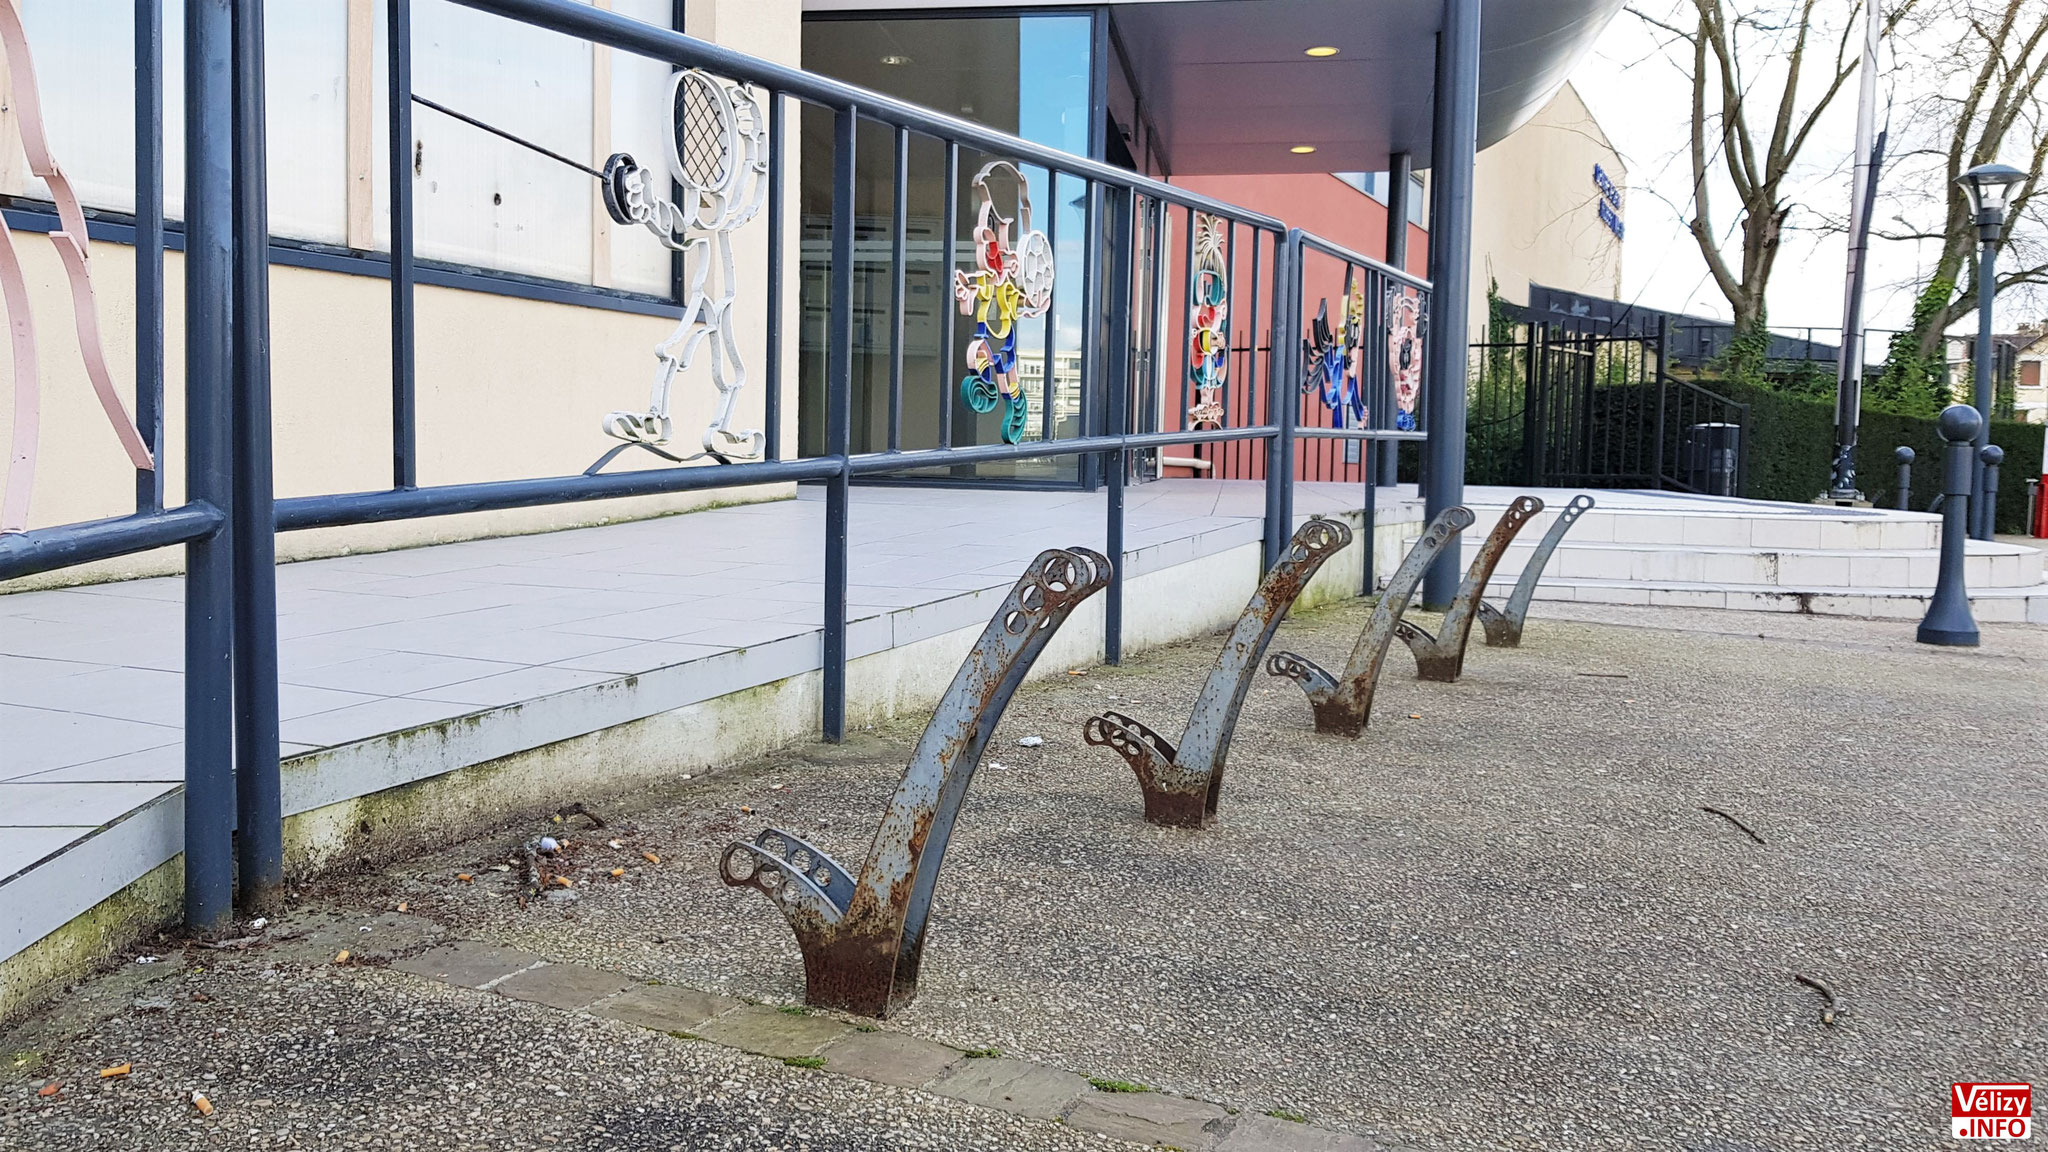 Arceaux pour stationnement vélos (2020).